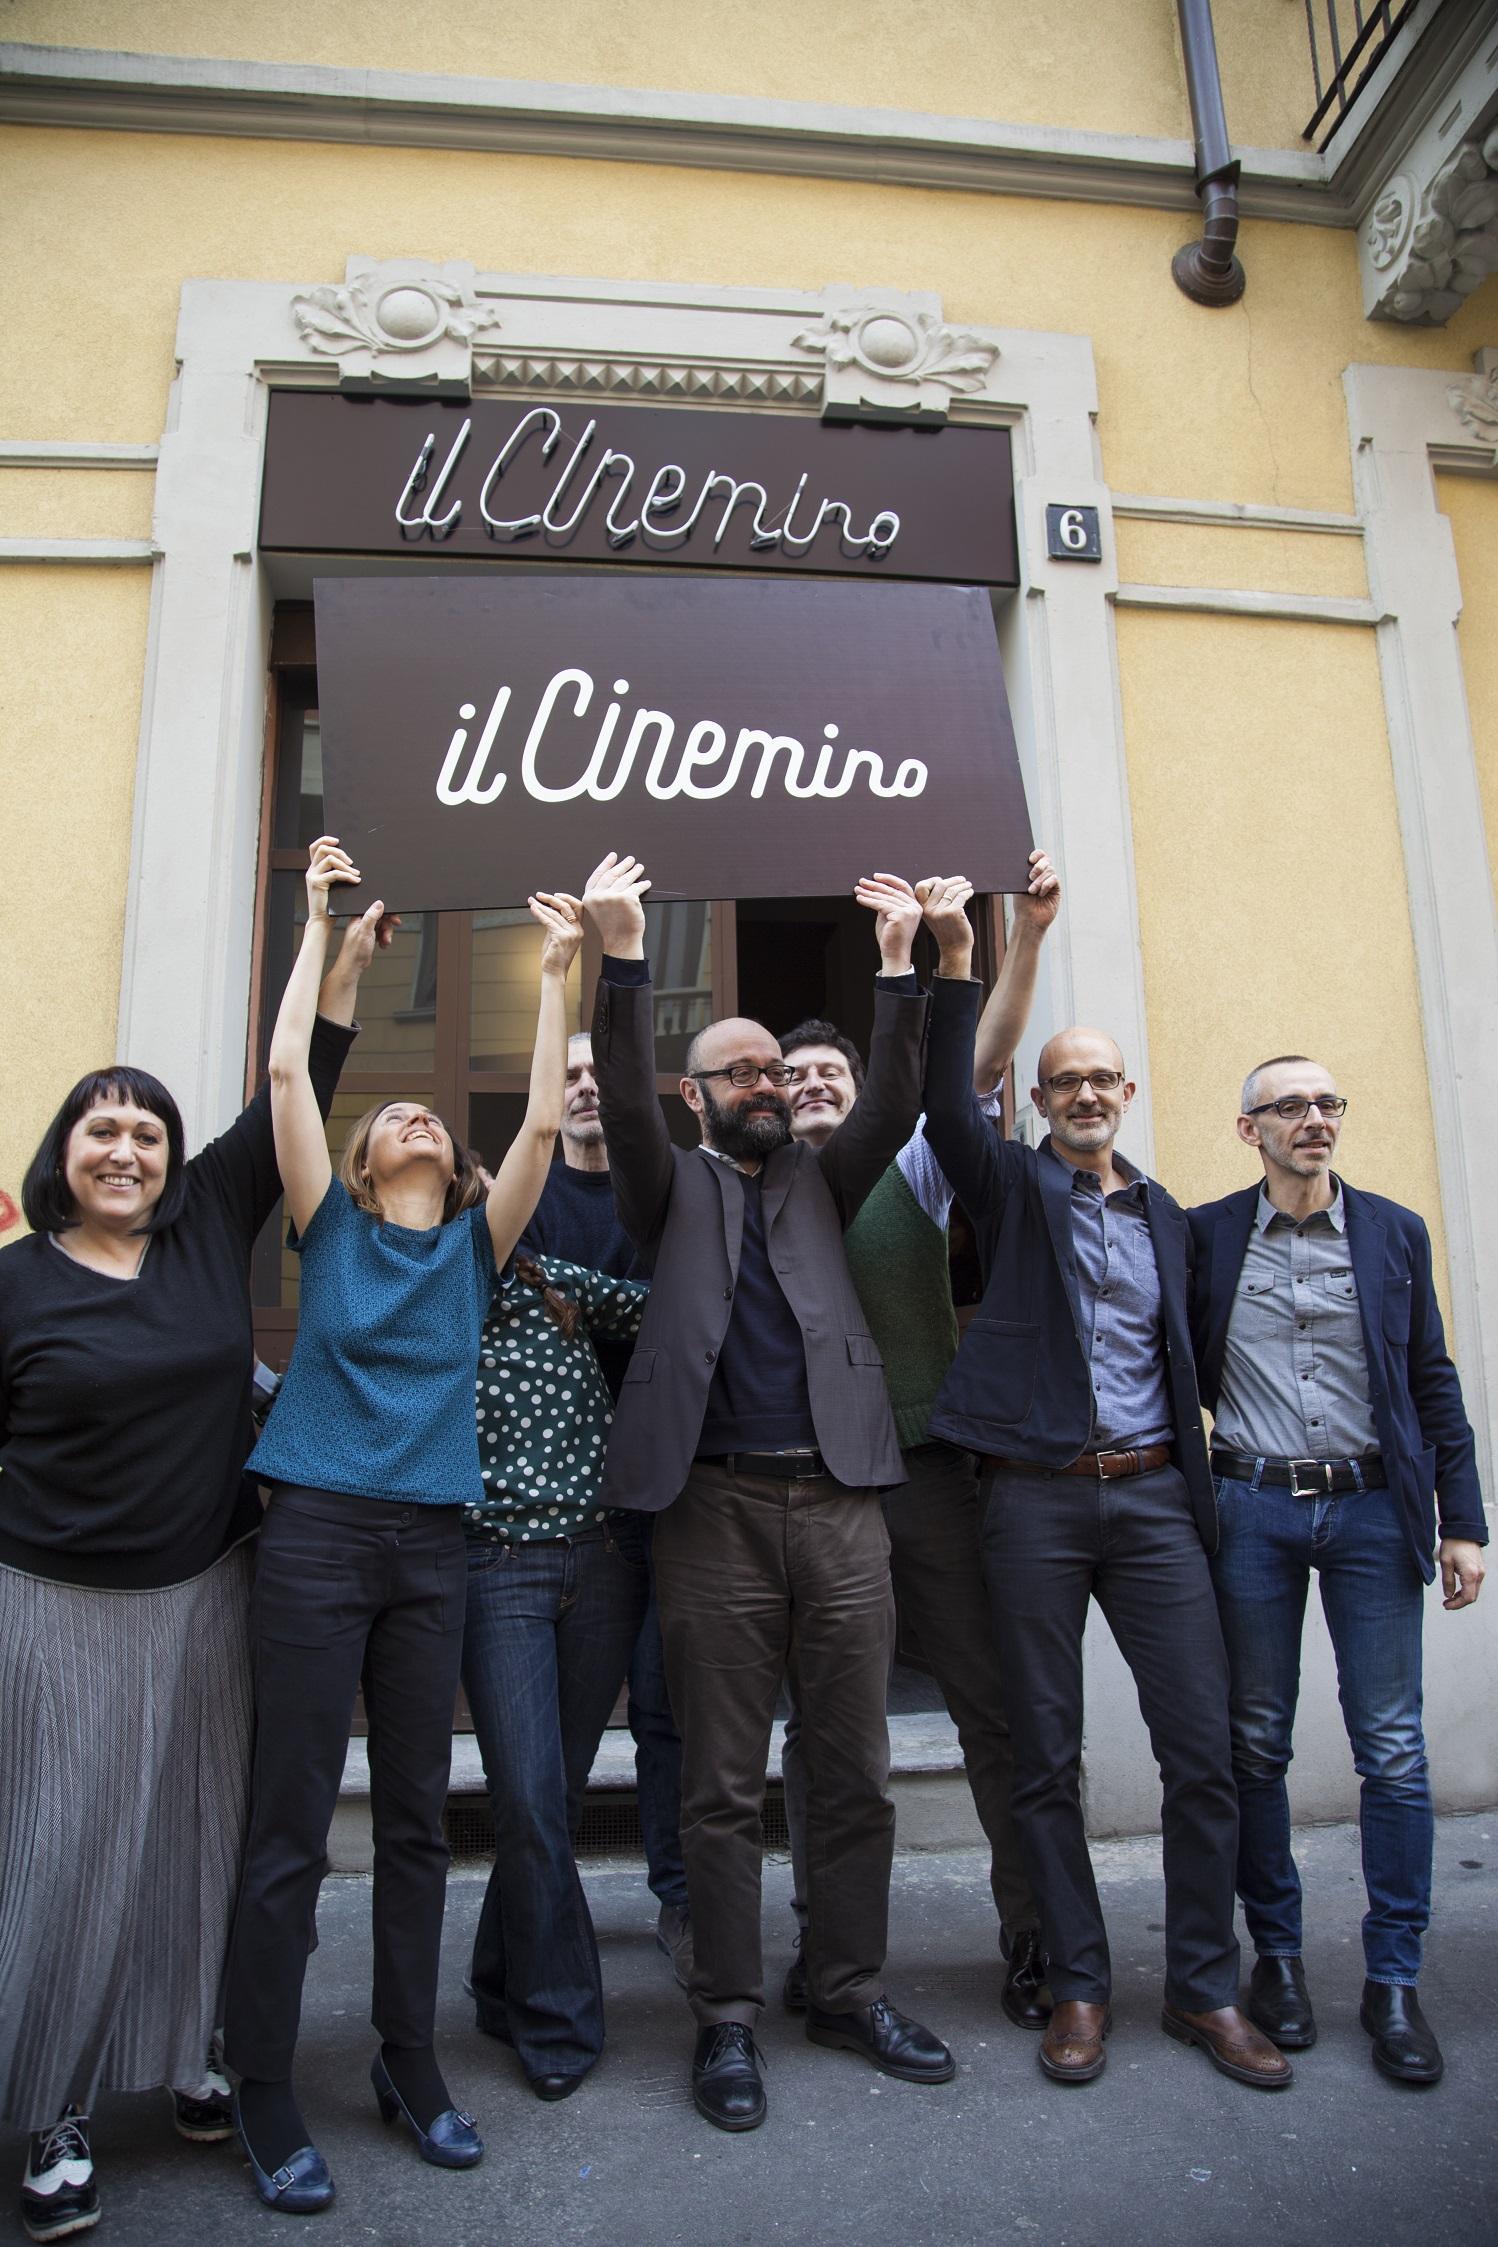 Il Cinemino - La squadra con cartello alto ©Carlo Prevosti